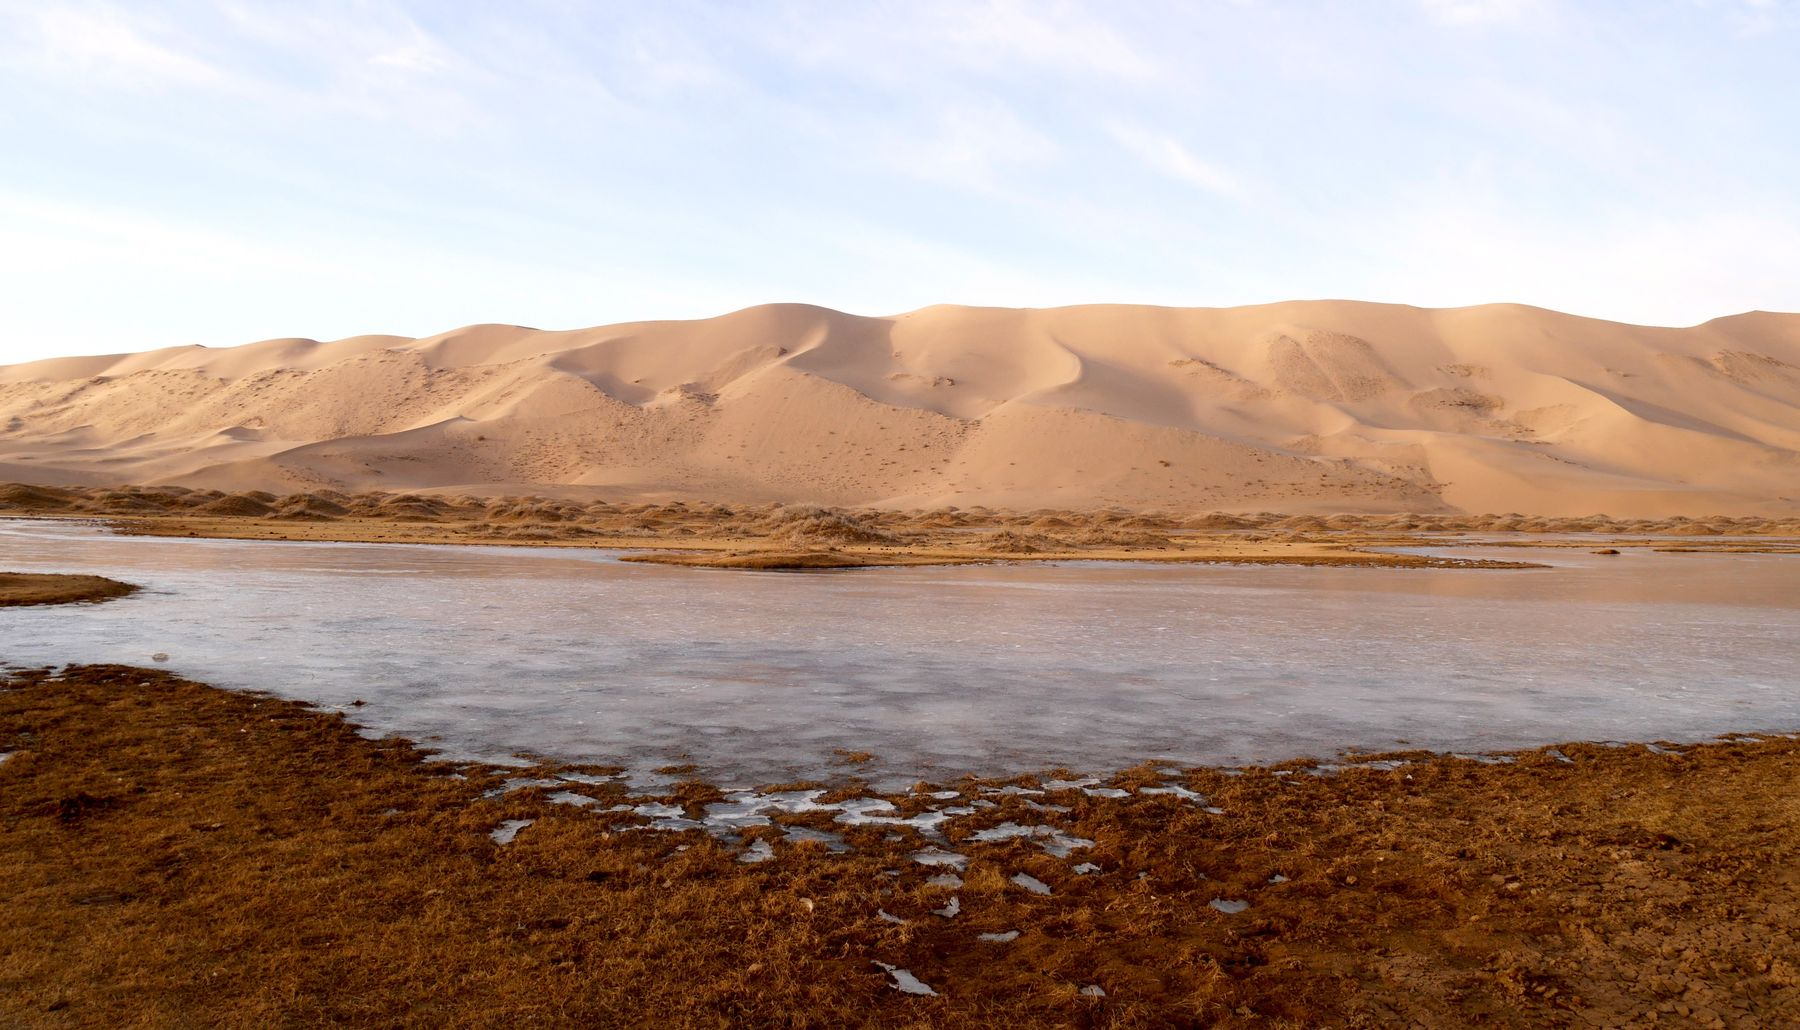 Пустыня долины озер Гоби, Монголия. Замерзшее озеро